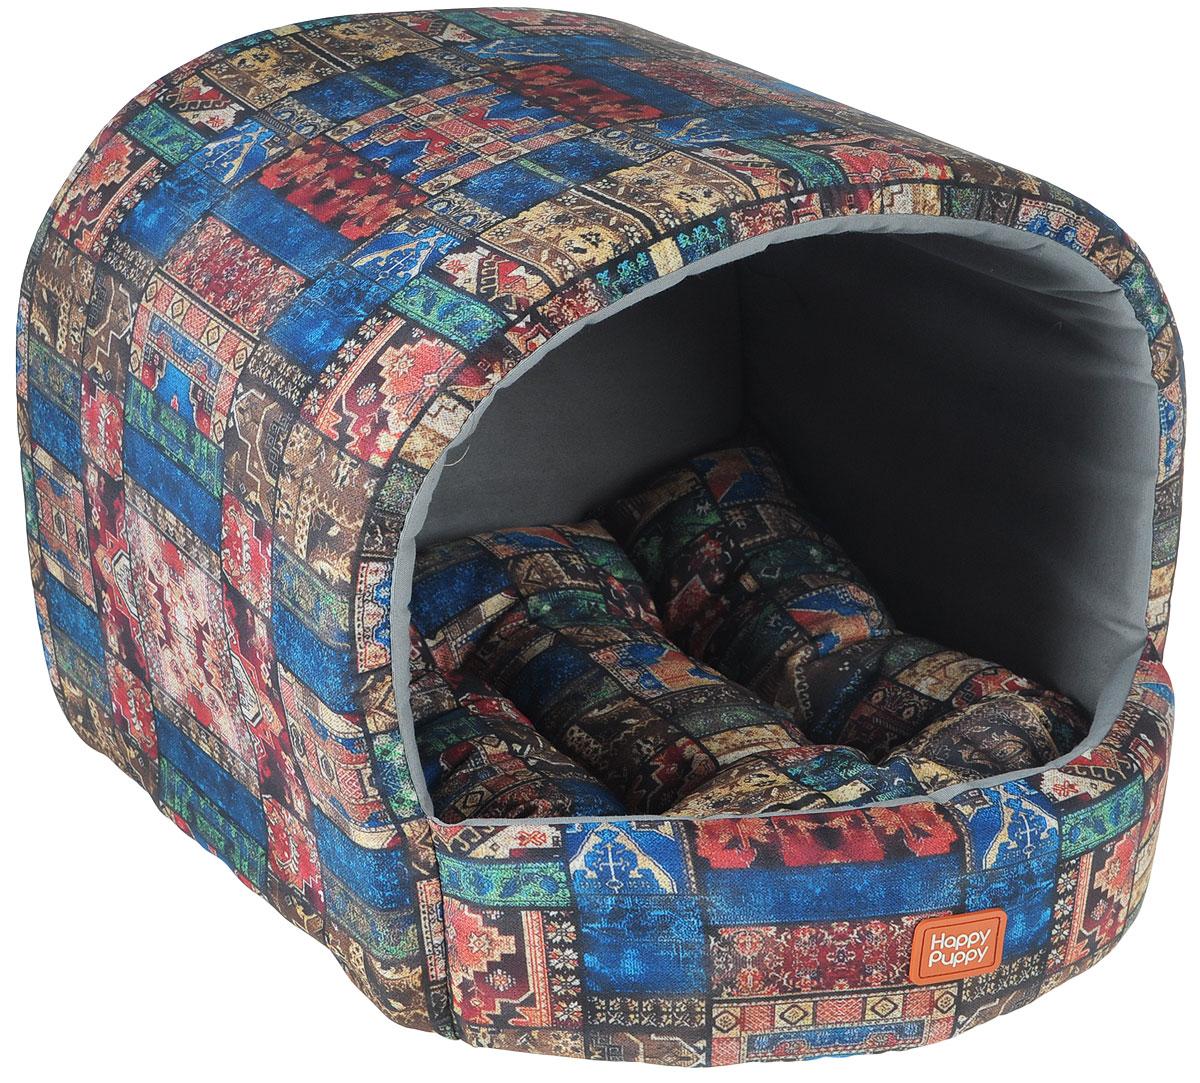 Домик для собак Happy Puppy Восточные сказки, 37 x 37 x 40 смHP-160064Домик для собак Happy Puppy Восточные сказки обязательно понравится вашему питомцу. Он предназначен для собак мелких пород и изготовлен из полиэстера и хлопка, внутри - мягкий наполнитель из мебельного поролона. Стежка надежно удерживает наполнитель внутри и не позволяет ему скатываться. Домик очень удобный и уютный, он оснащен мягкой съемной подстилкой с наполнителем из холлофайбера. Ваш любимец сразу же захочет забраться внутрь, там он сможет отдохнуть и спрятаться. Компактные размеры позволят поместить домик, где угодно, а приятная цветовая гамма сделает его оригинальным дополнением к любому интерьеру. Размер подстилки: 37 х 37 х 40 см. Внутренняя высота домика (с учетом подстилки): 27 см. Толщина стенки: 3 см.